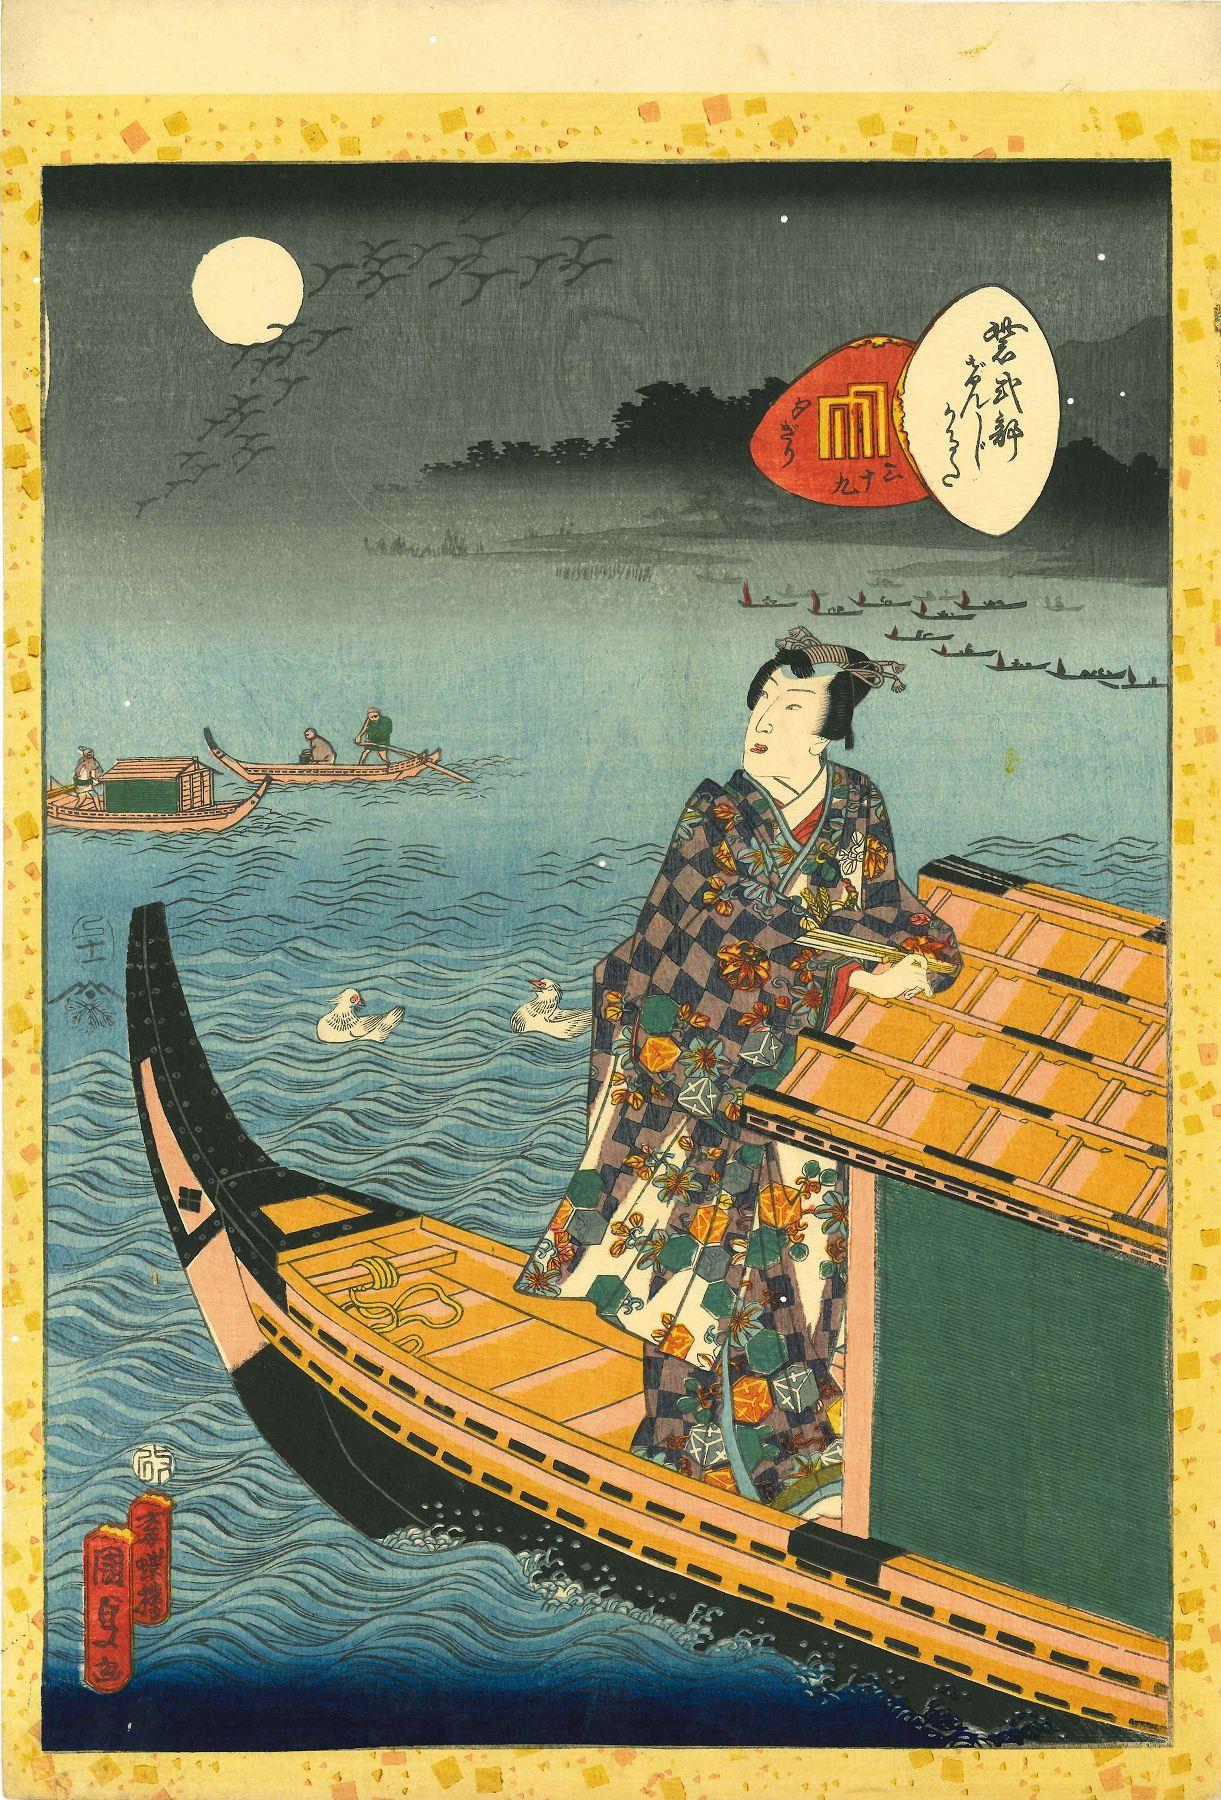 KUNISADA II <i>Yugiri</i>, Chapter 39, from <i>Murasaki Shikibu Genji karuta</i> (Card game of the tale of Genji by Lady Murasaki)